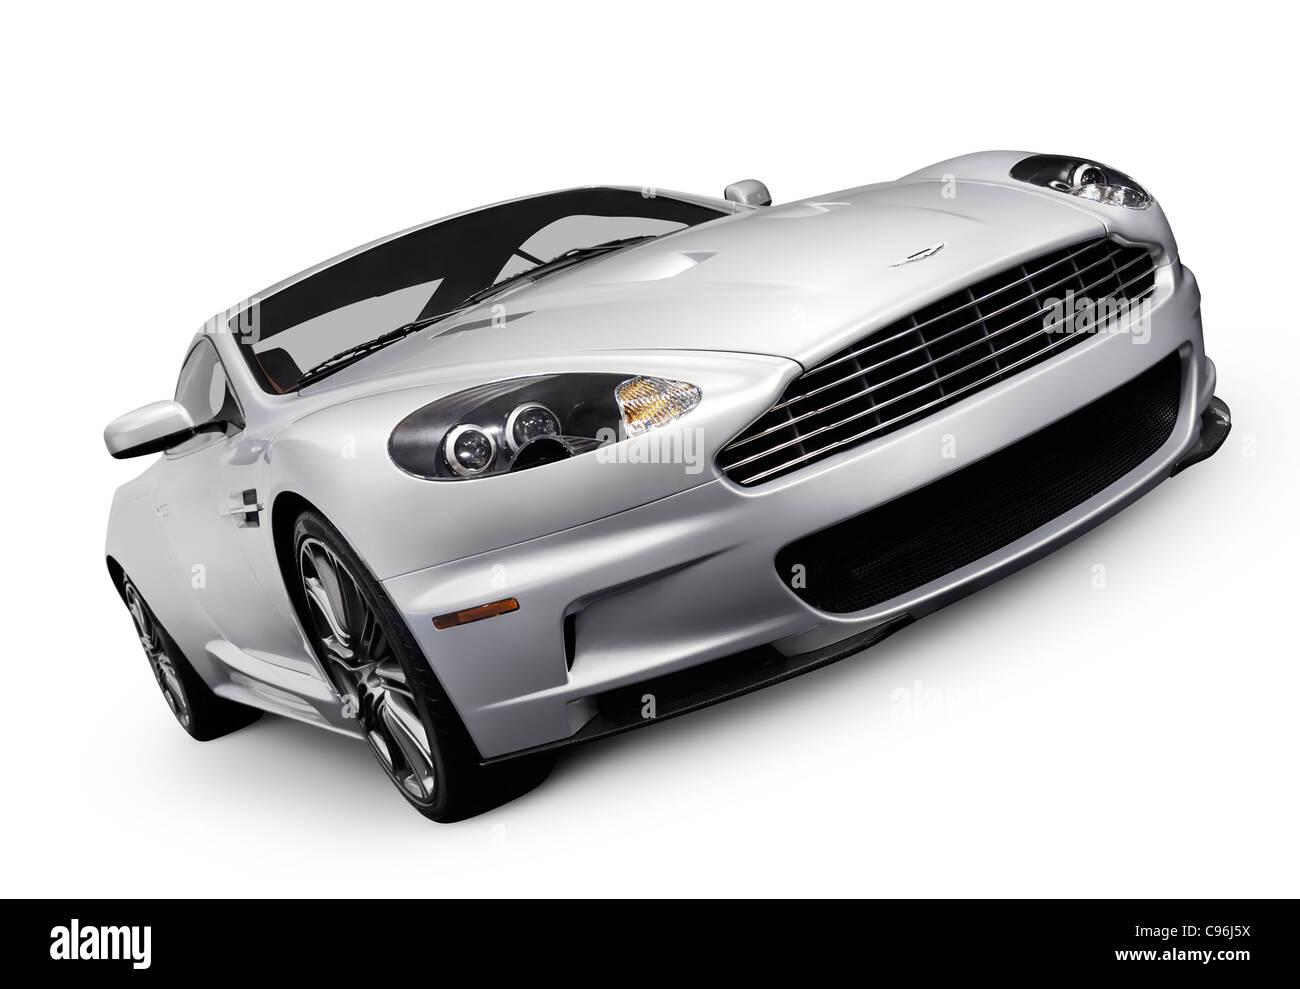 2009-Aston Martin DBS-Luxus-Auto. Isoliert mit Beschneidungspfad auf weißem Hintergrund. Stockbild